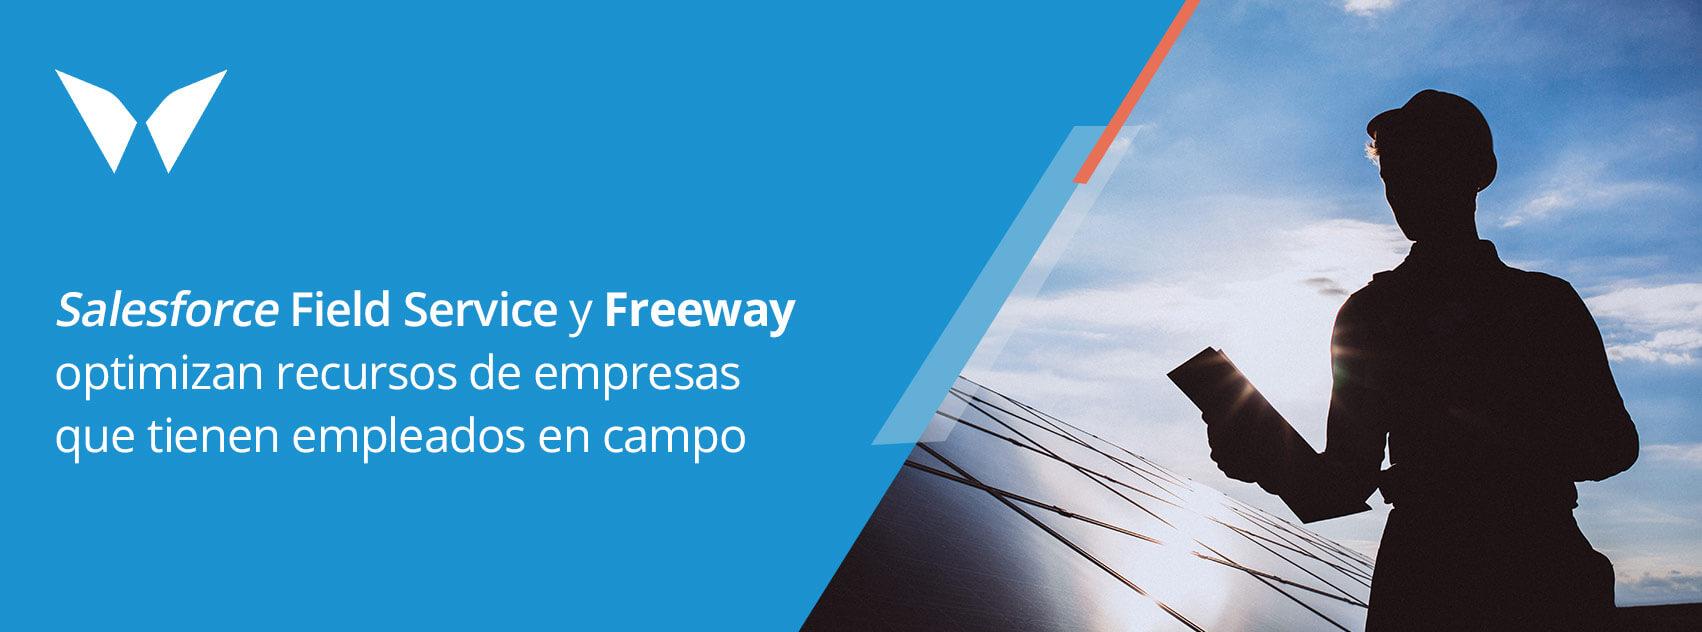 Salesforce Field Service y Freeway optimizan recursos de empresas que tienen empleados en campo